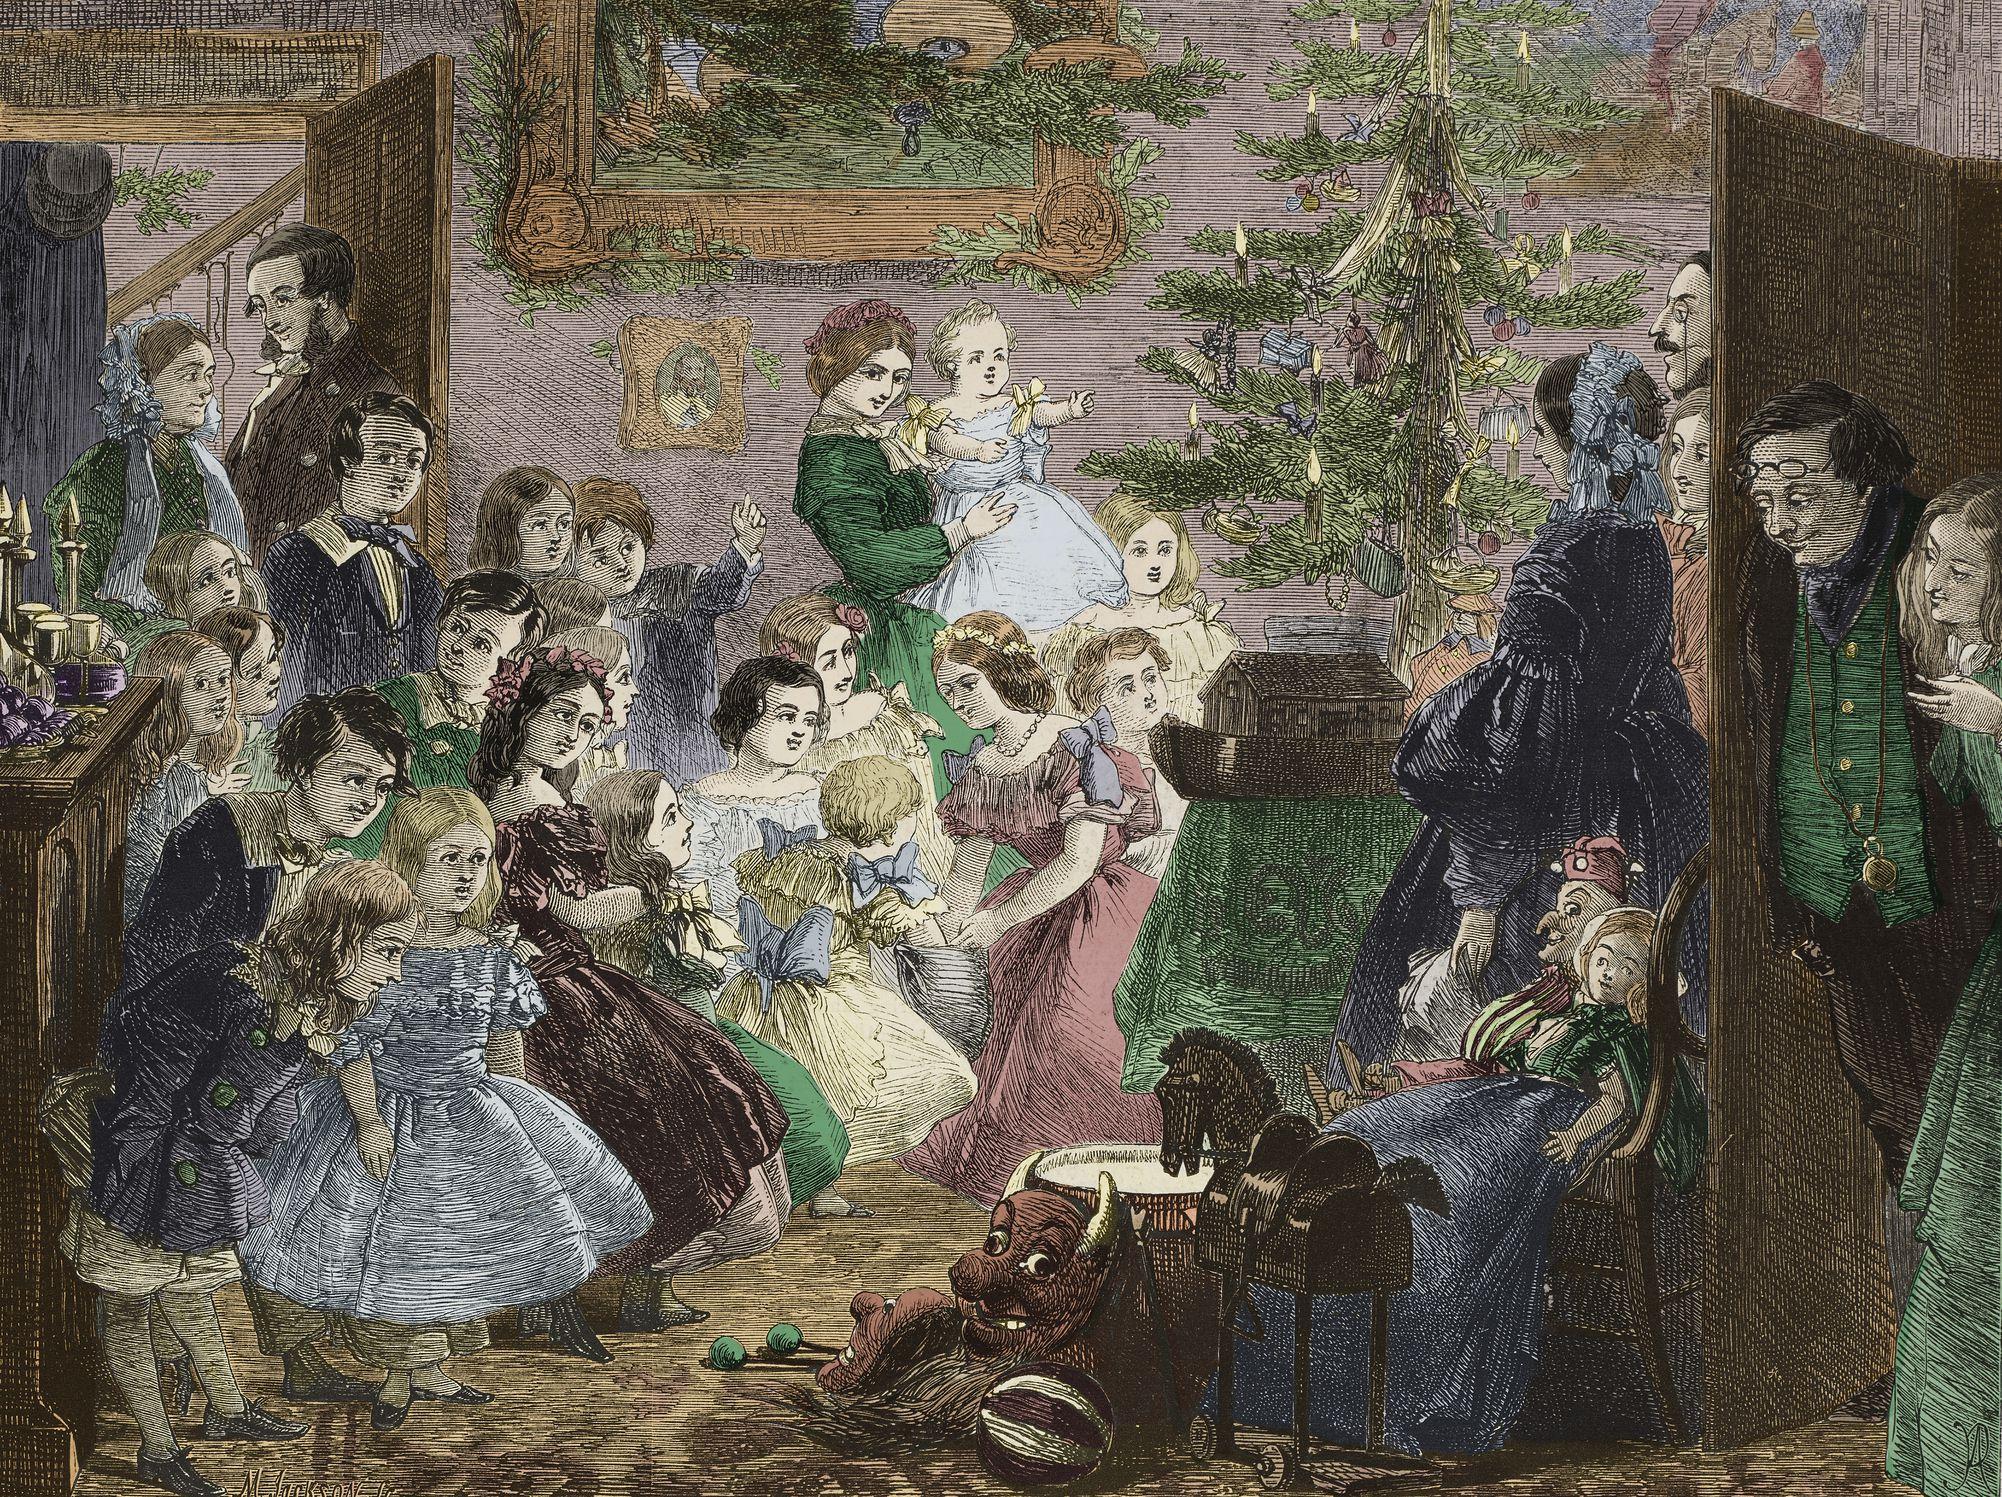 Celebrating Christmas without Religion